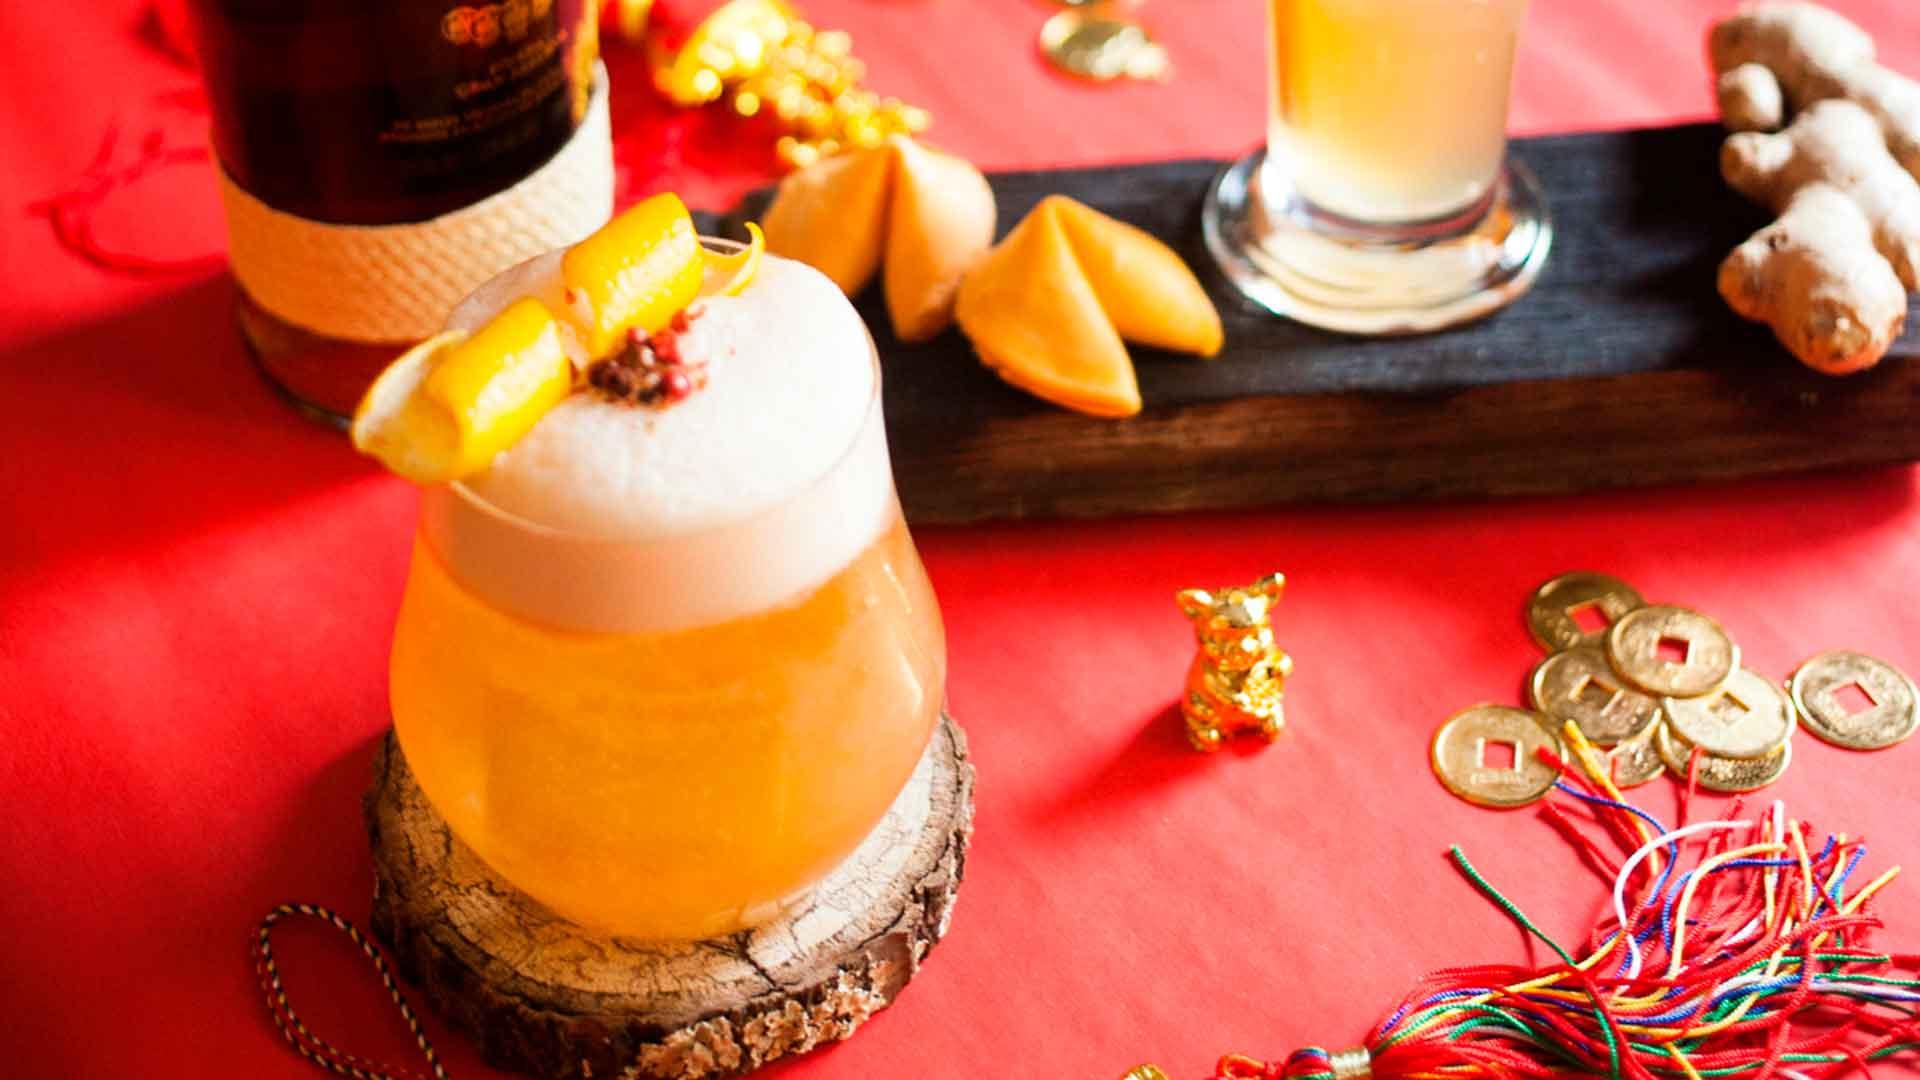 Sigue con la celebración del Año Nuevo Chino con ron Zacapa